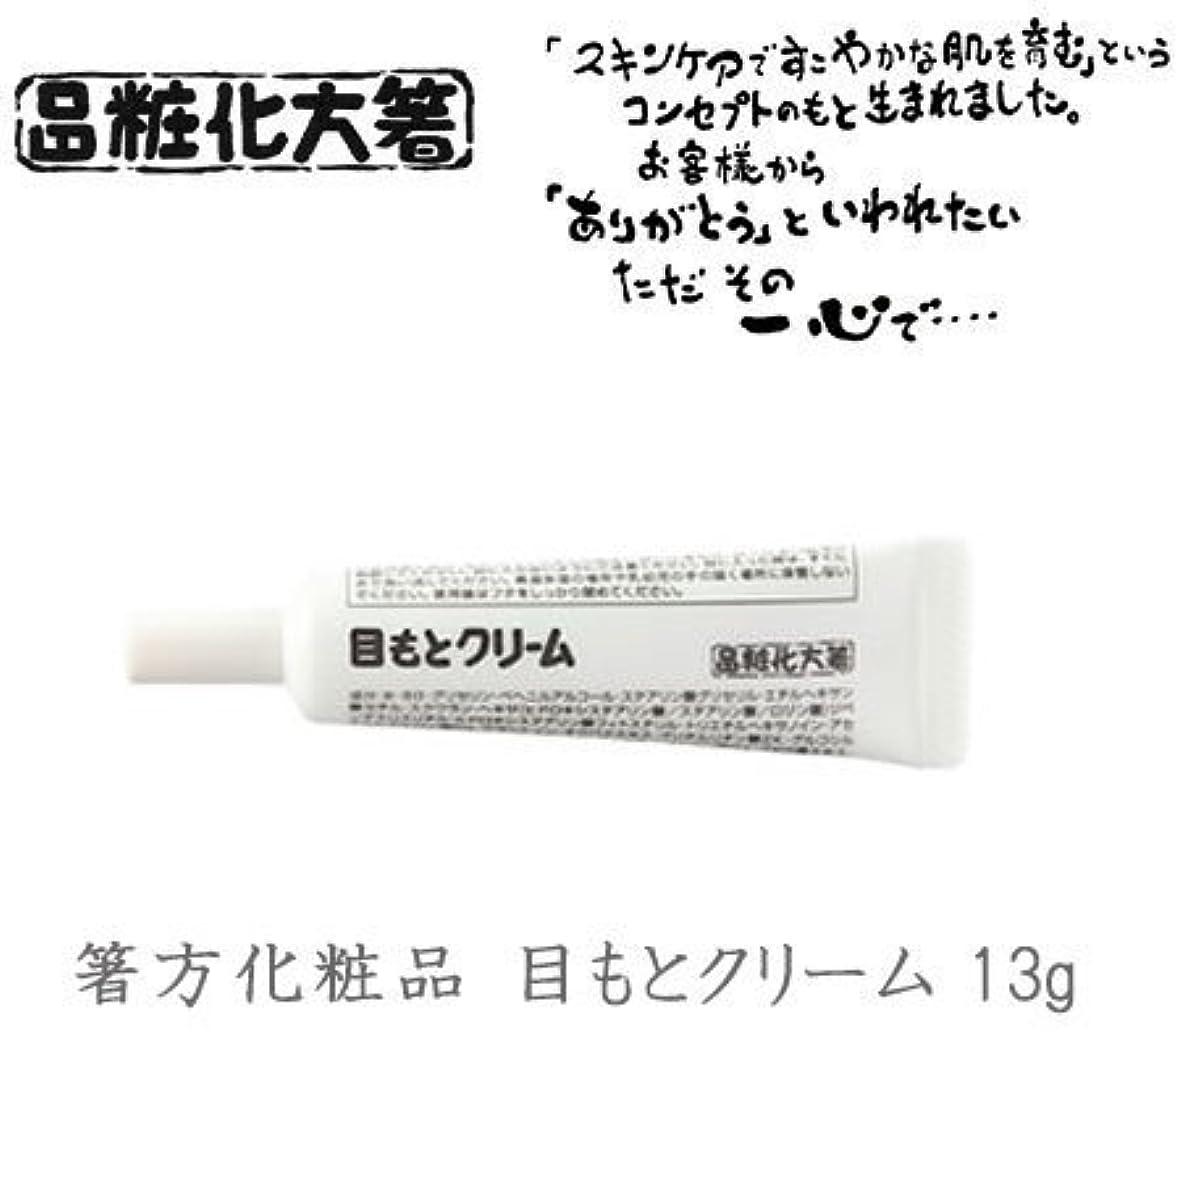 経度統治可能未知の箸方化粧品 目もとクリーム 13g はしかた化粧品